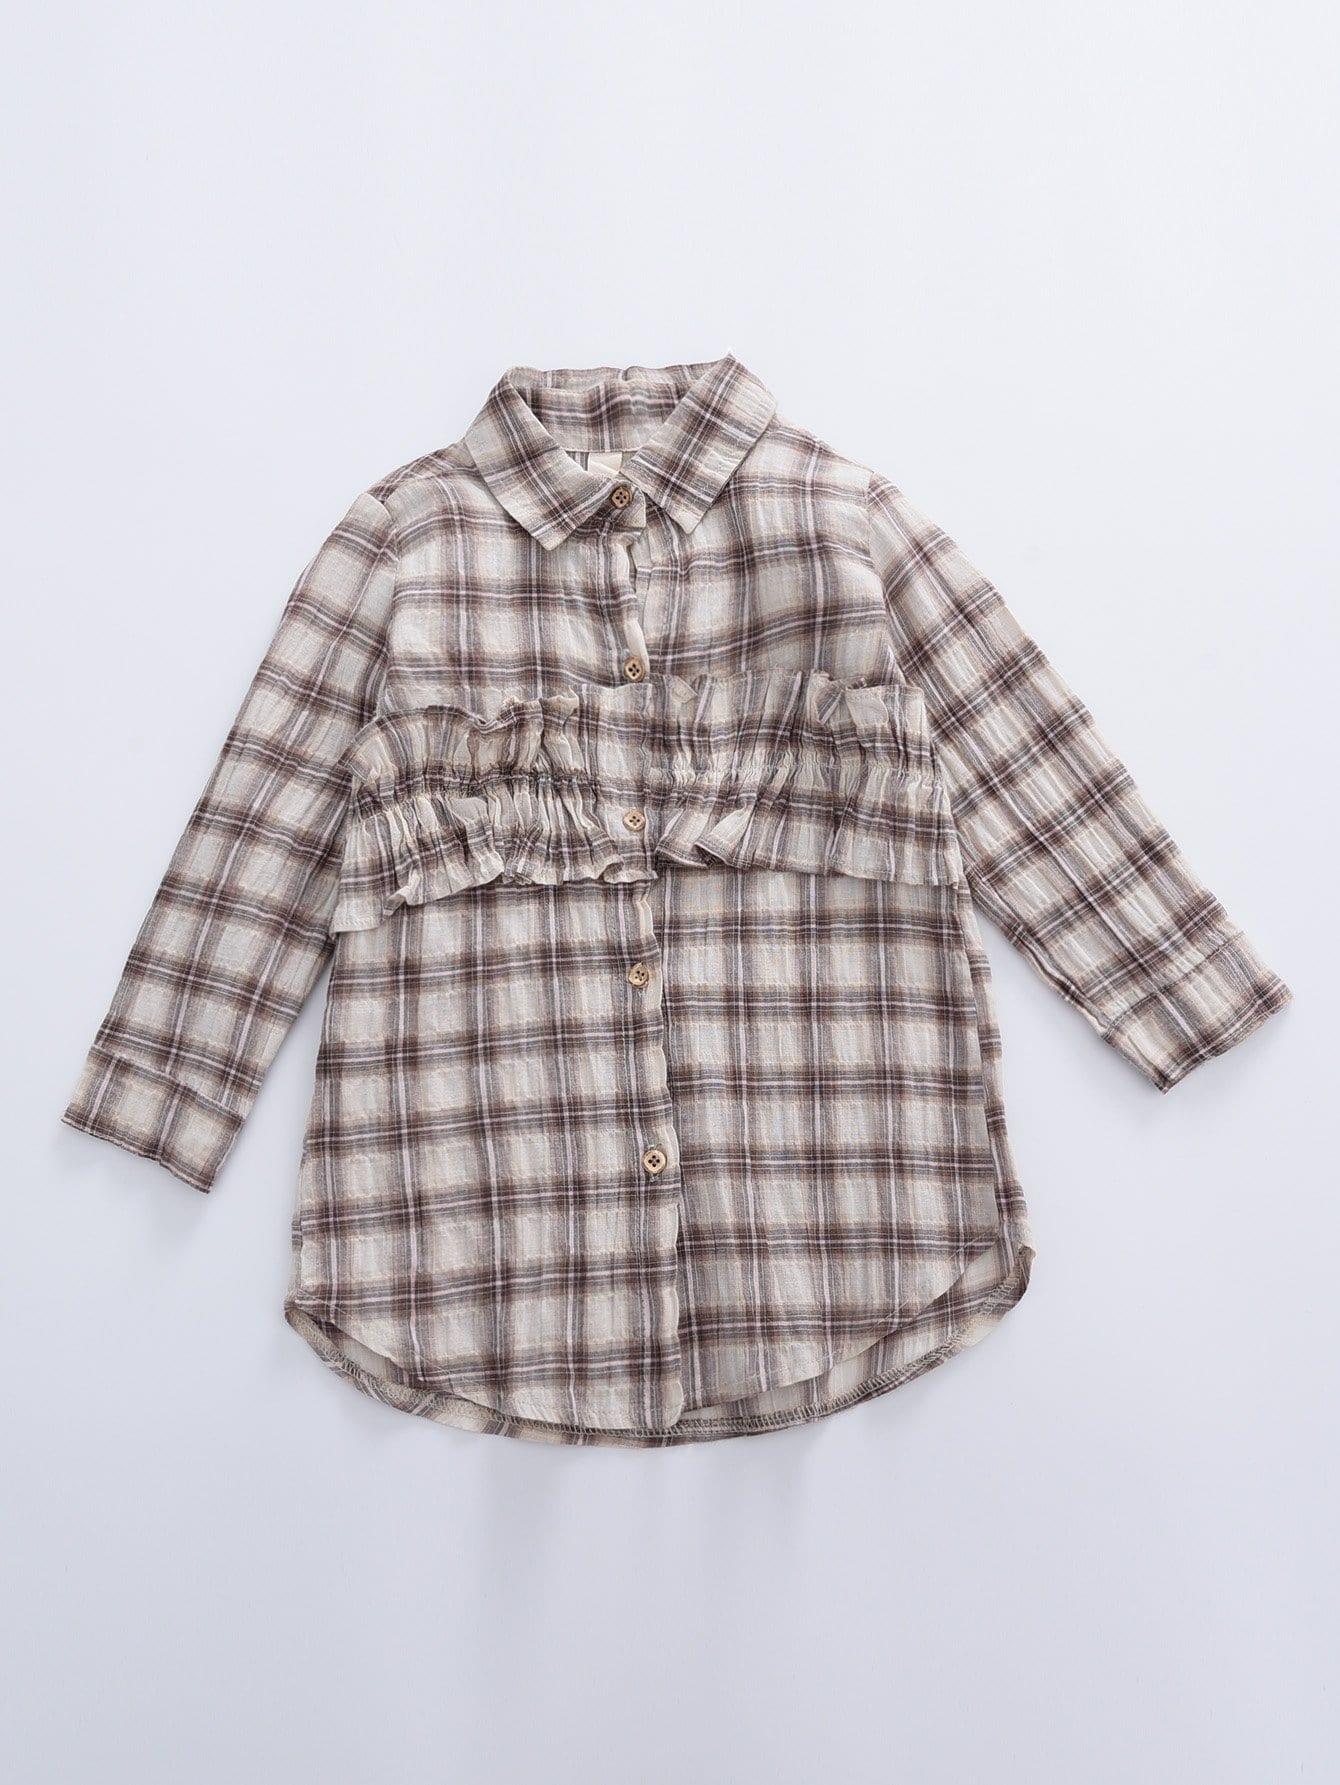 Mädchen Bluse mit Falten, gekrümmtem Saum und Plaid Muster